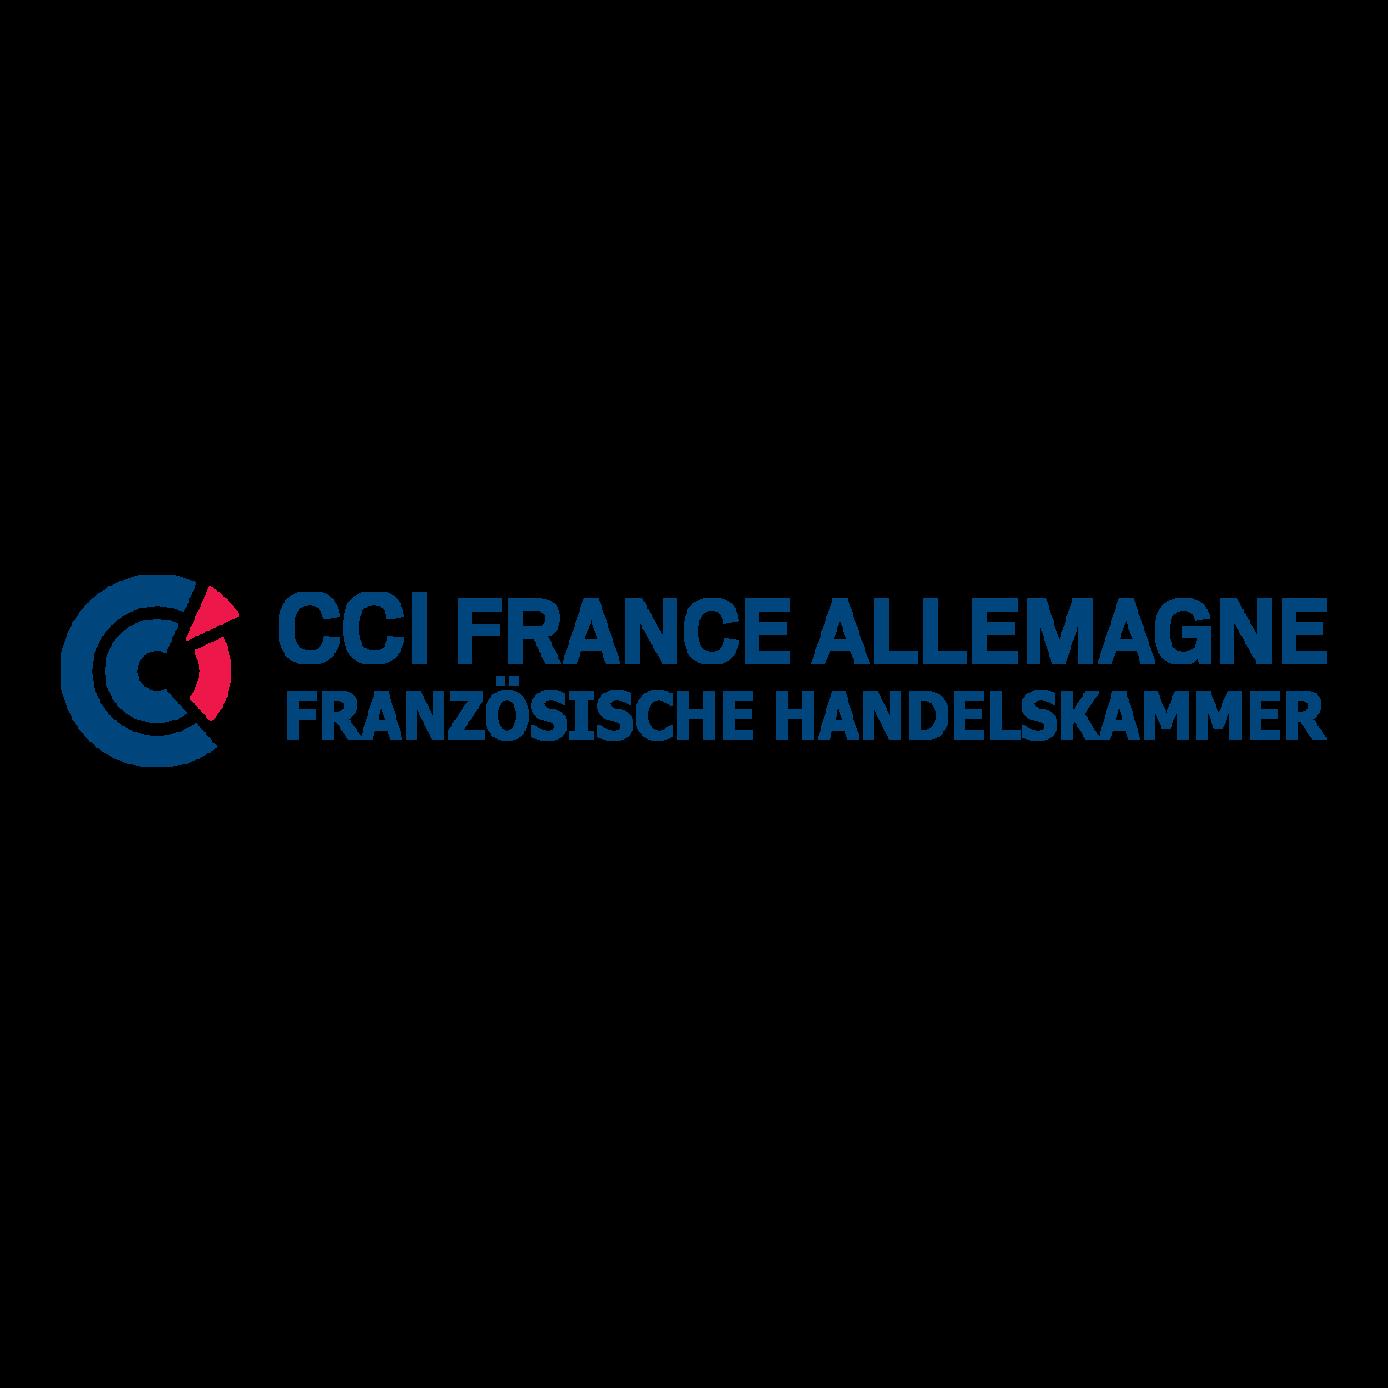 Französische Handelskammer